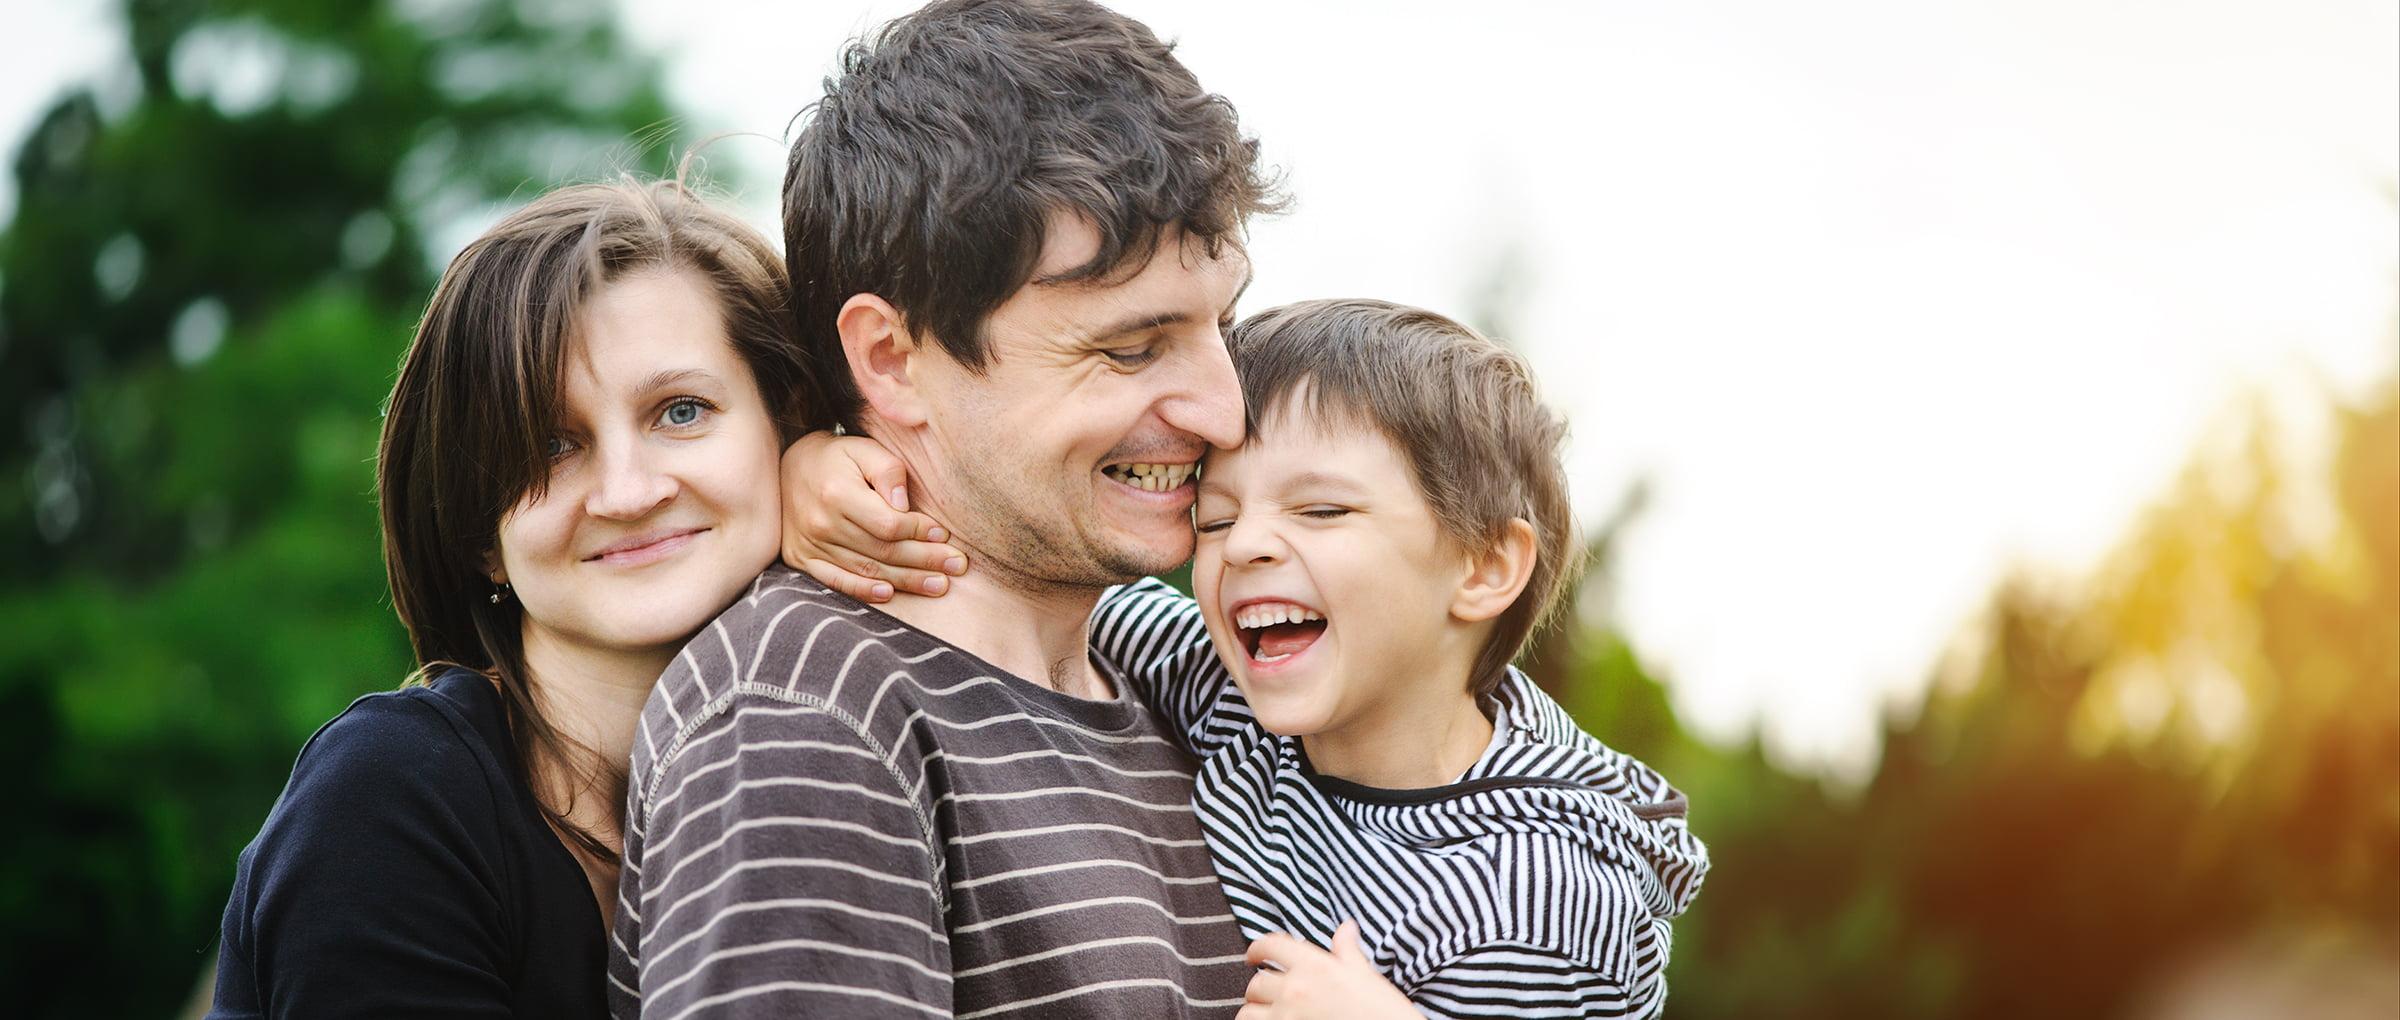 Nuestros padres: los que nos quieren y educan